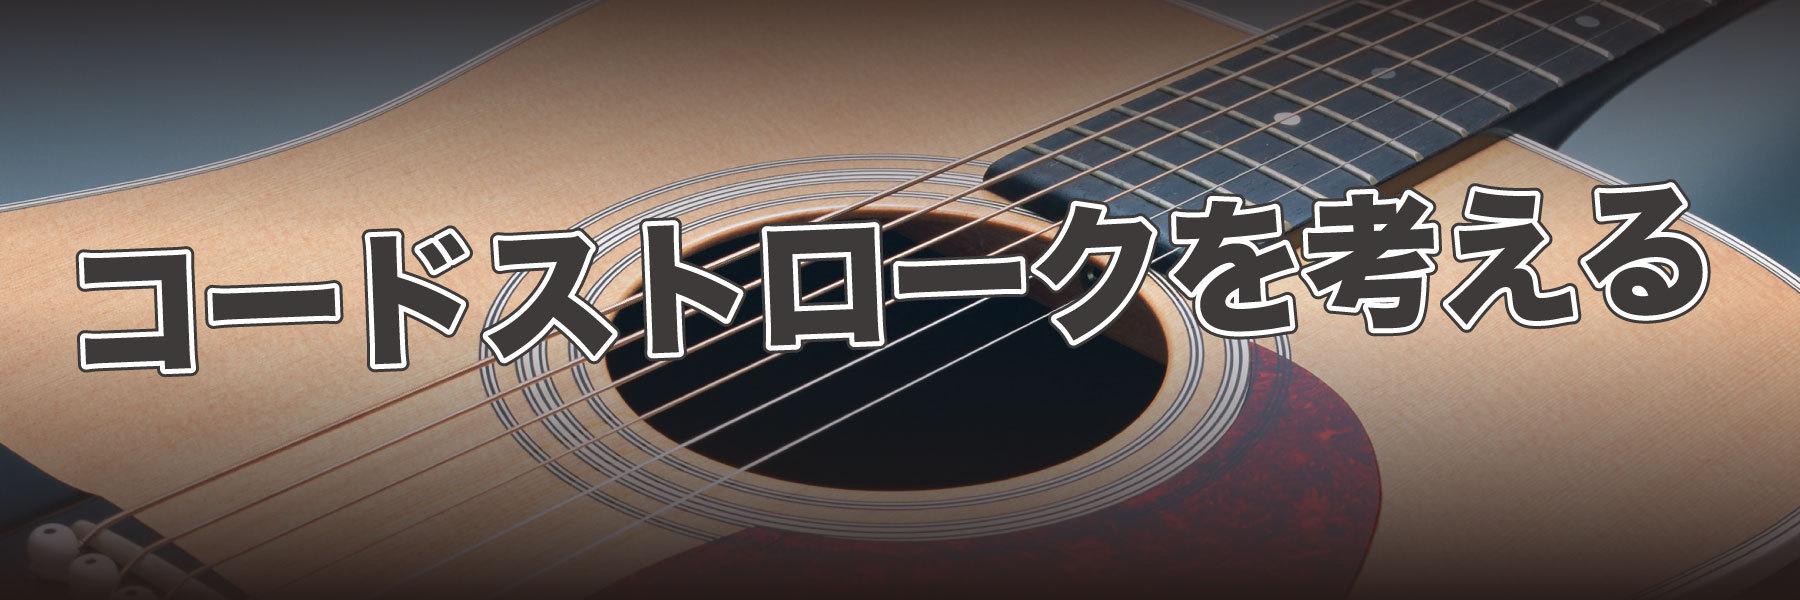 ギター:コードストロークのやり方